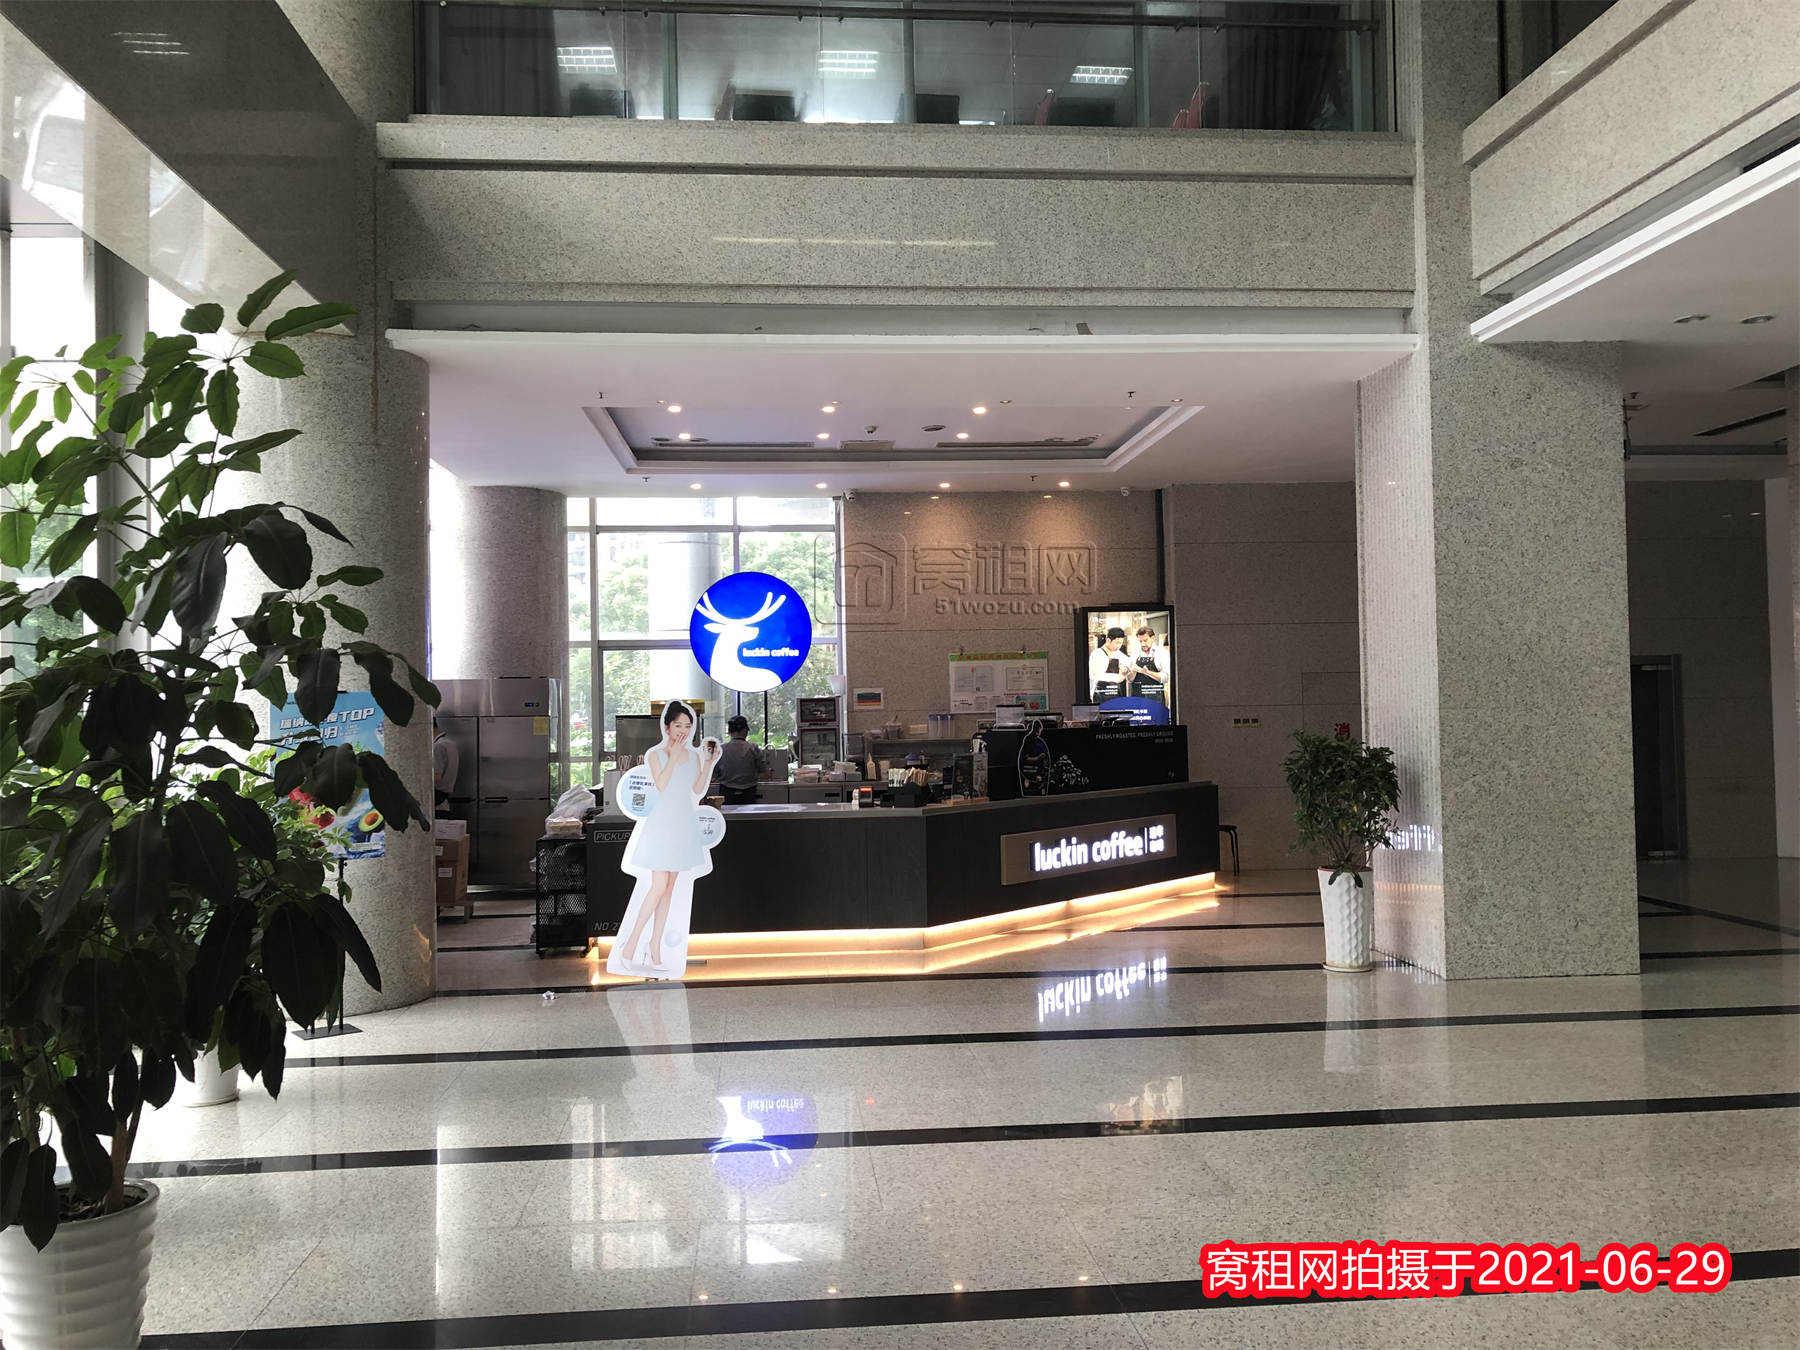 宁波九五国际大厦